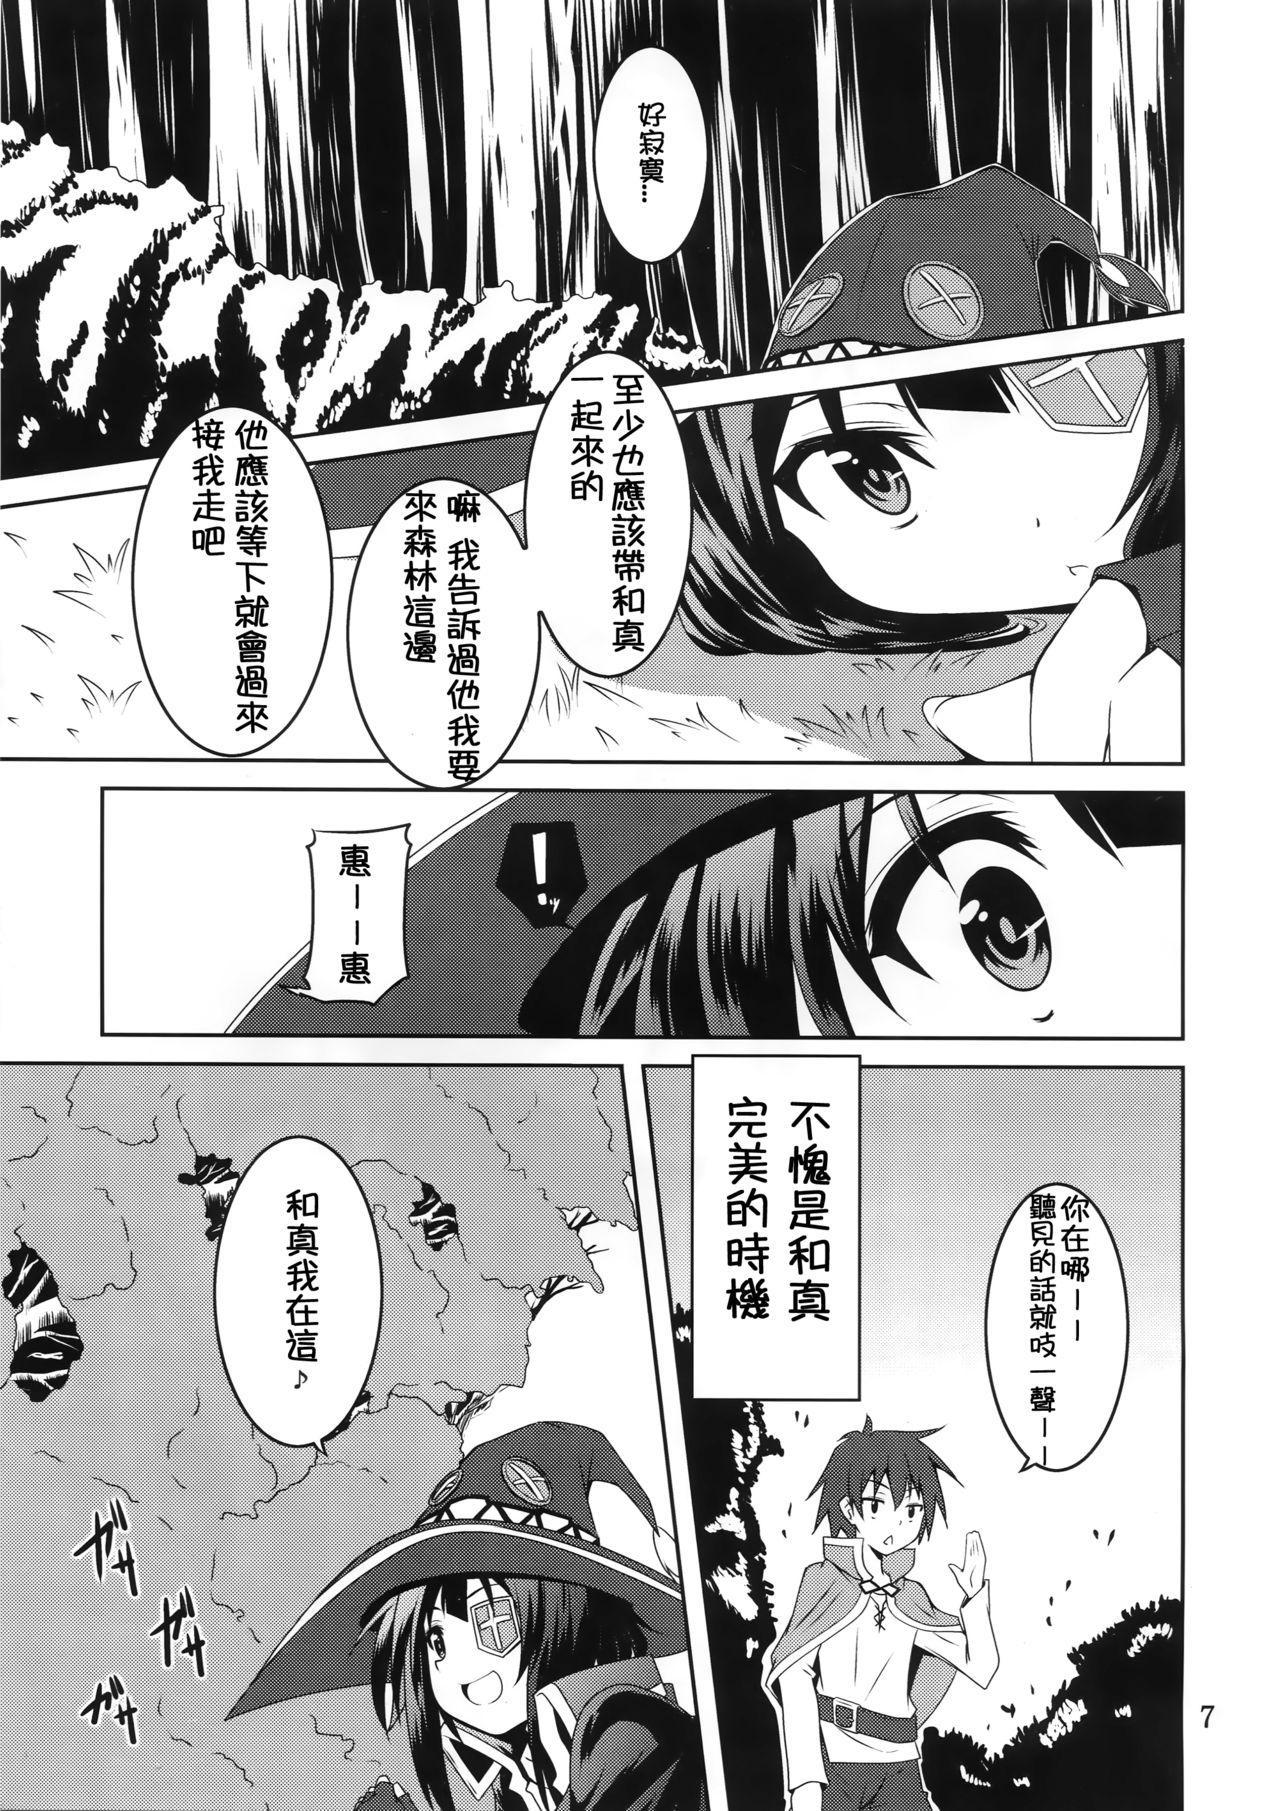 Megumin to Shokushu ni Syukufuku o! | Blessing upon Megumin and the Tentacles! 6